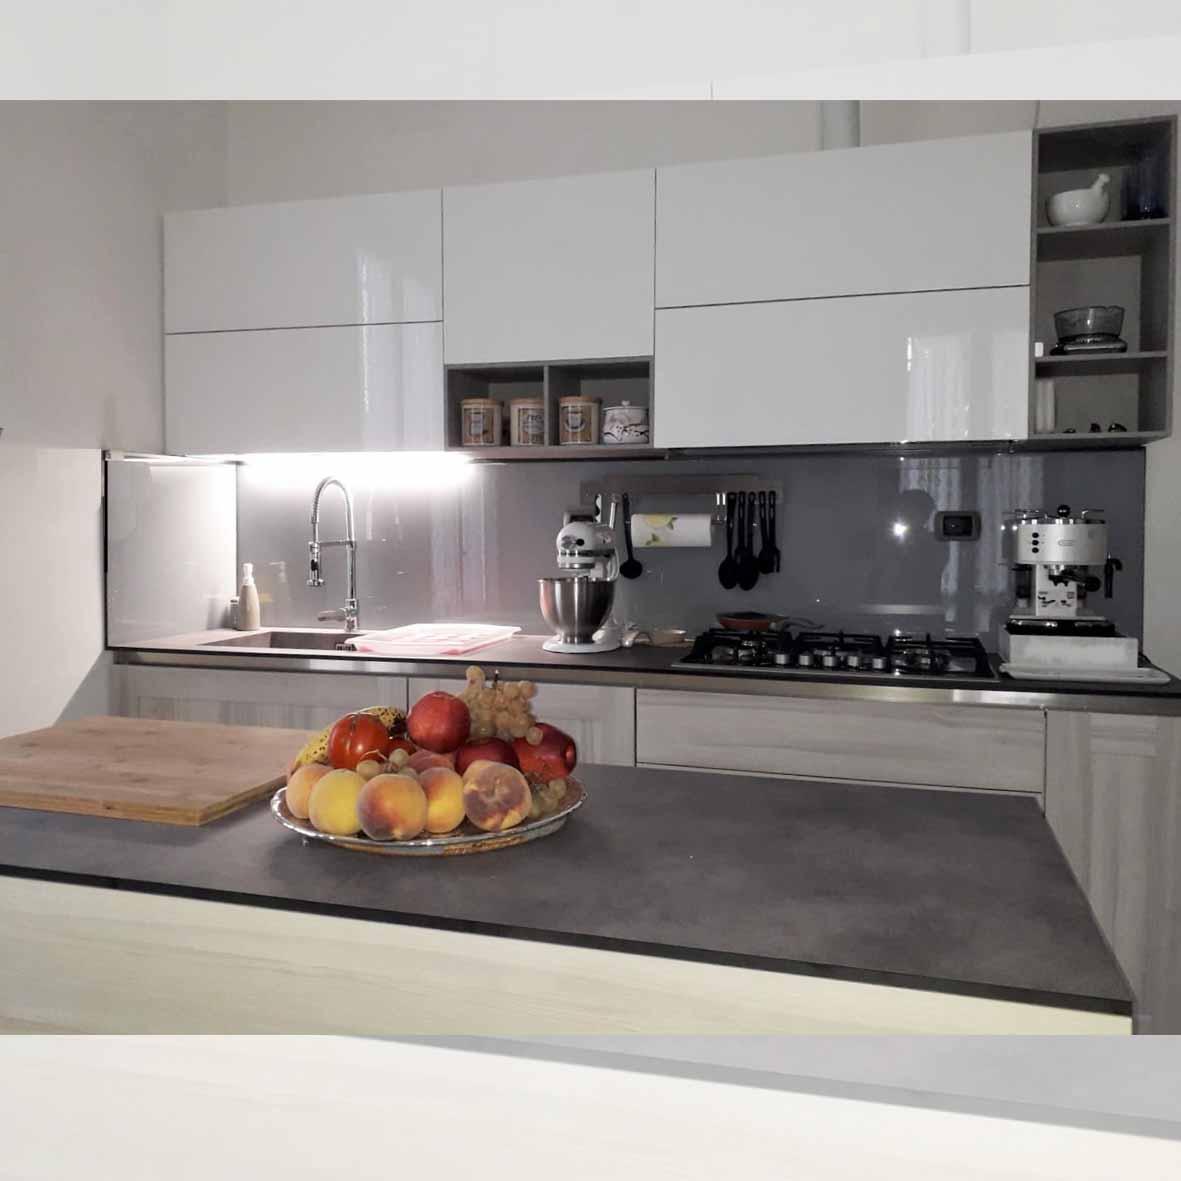 realizzazioni-centro dell'arredamento-savona-cucina-cloe-arredo3